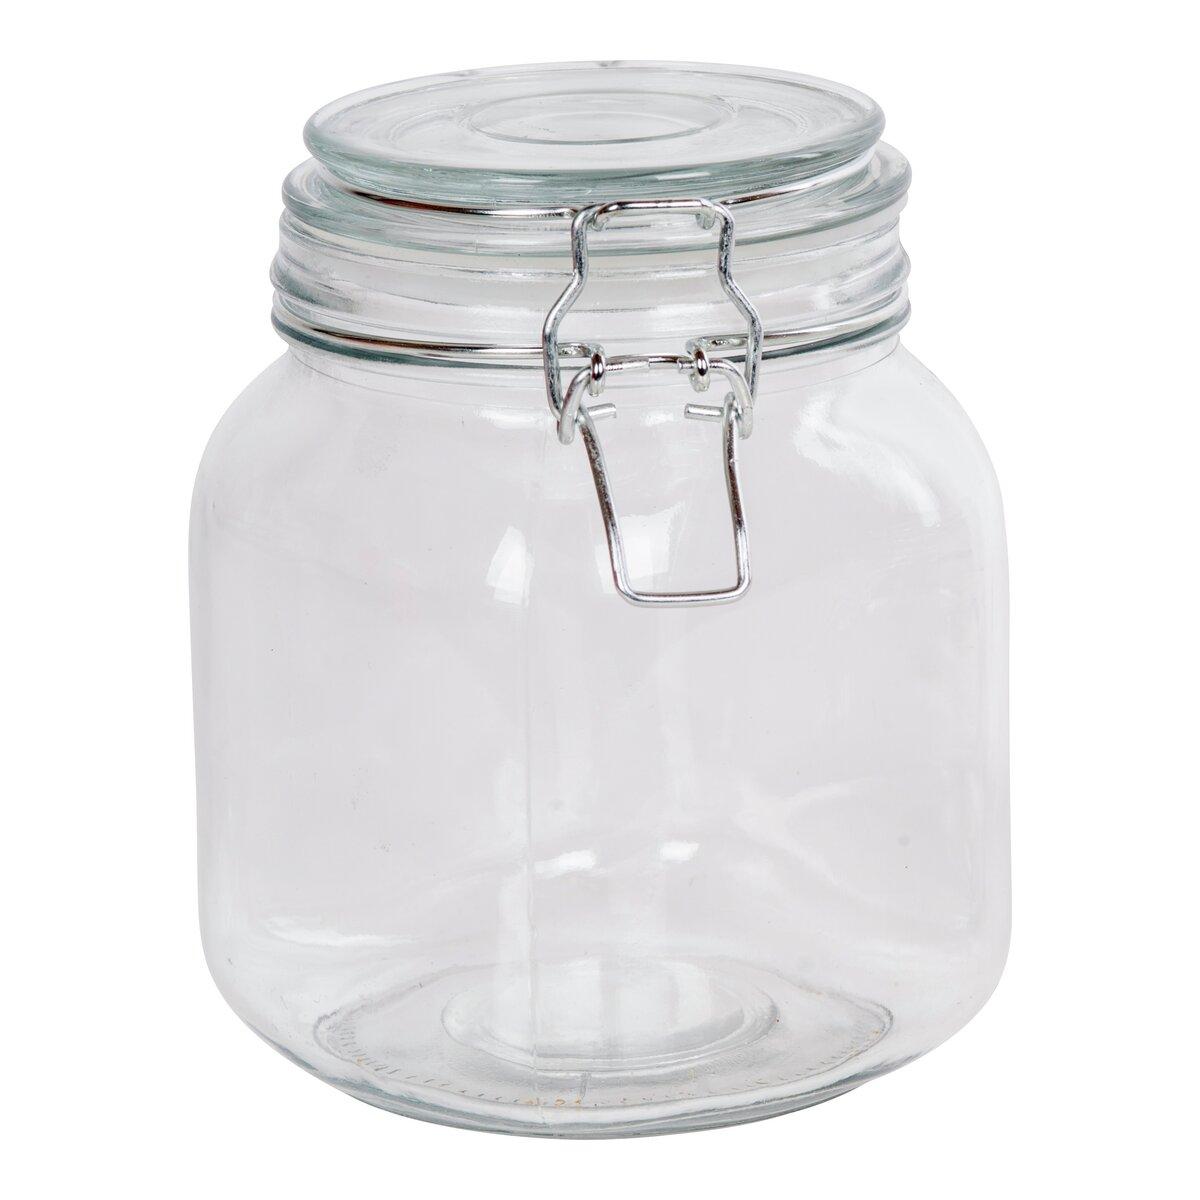 Glasskrukke med lokk